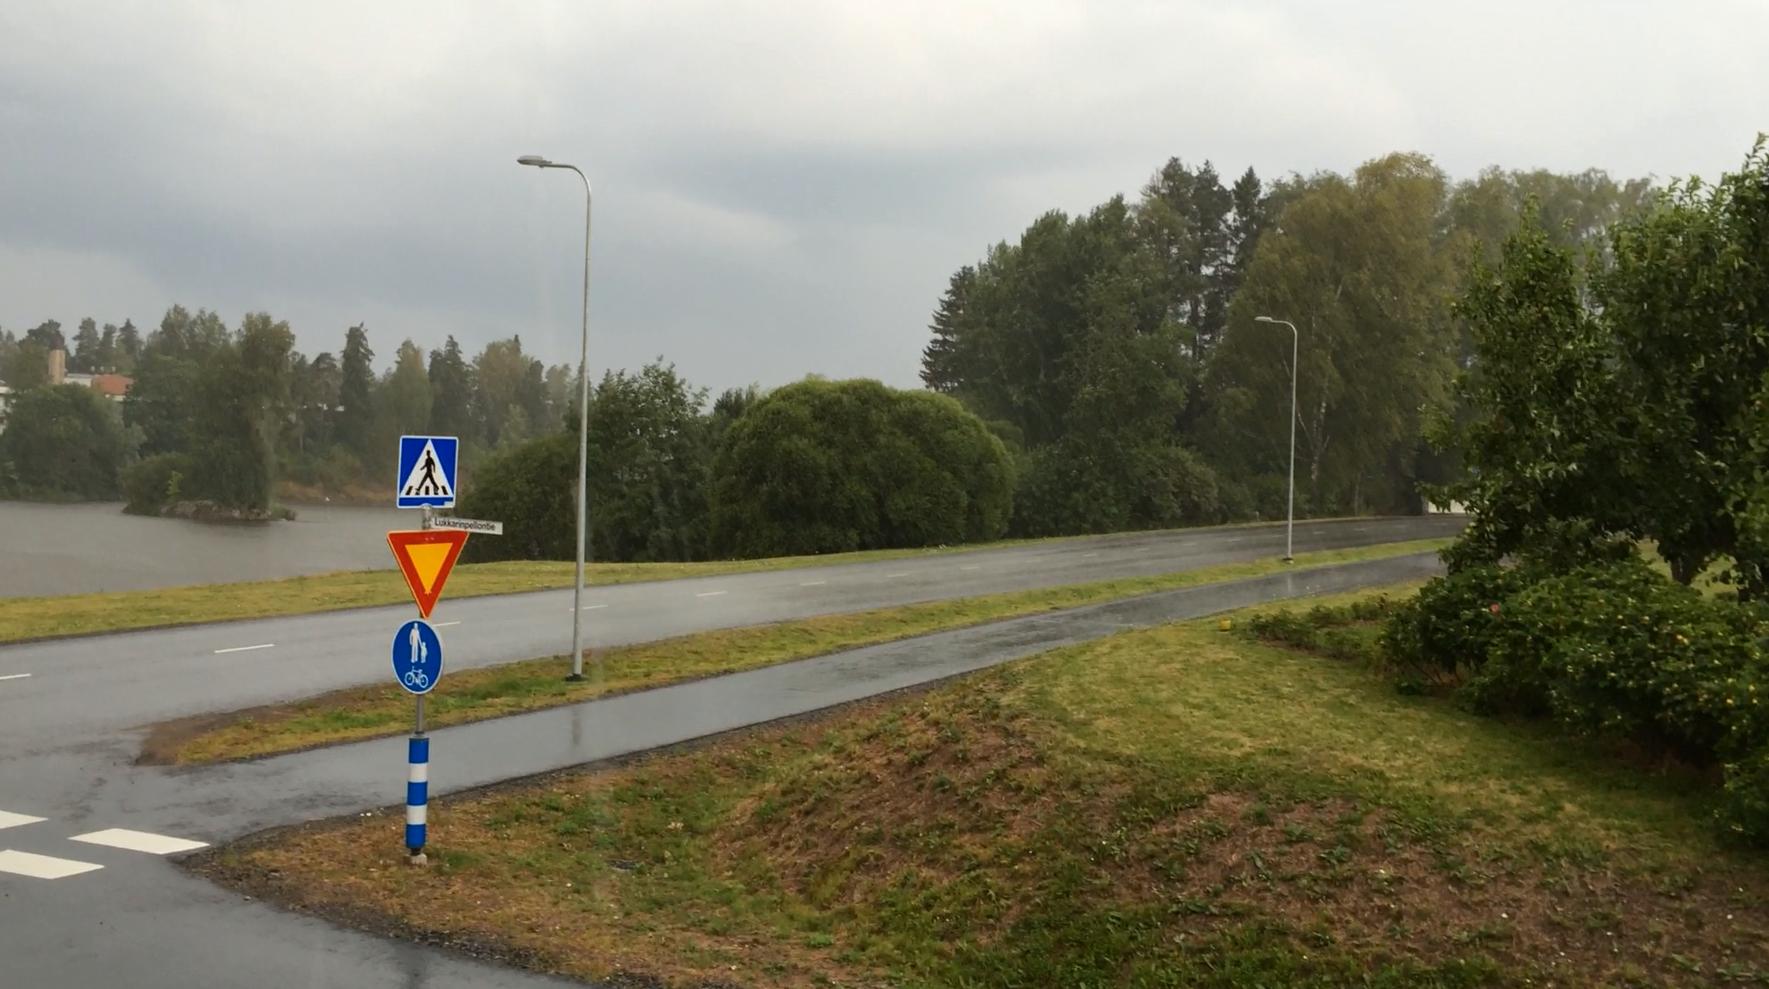 Ukkosmyrsky 30.7.2014. Kuva: Tuomas Kuhalainen